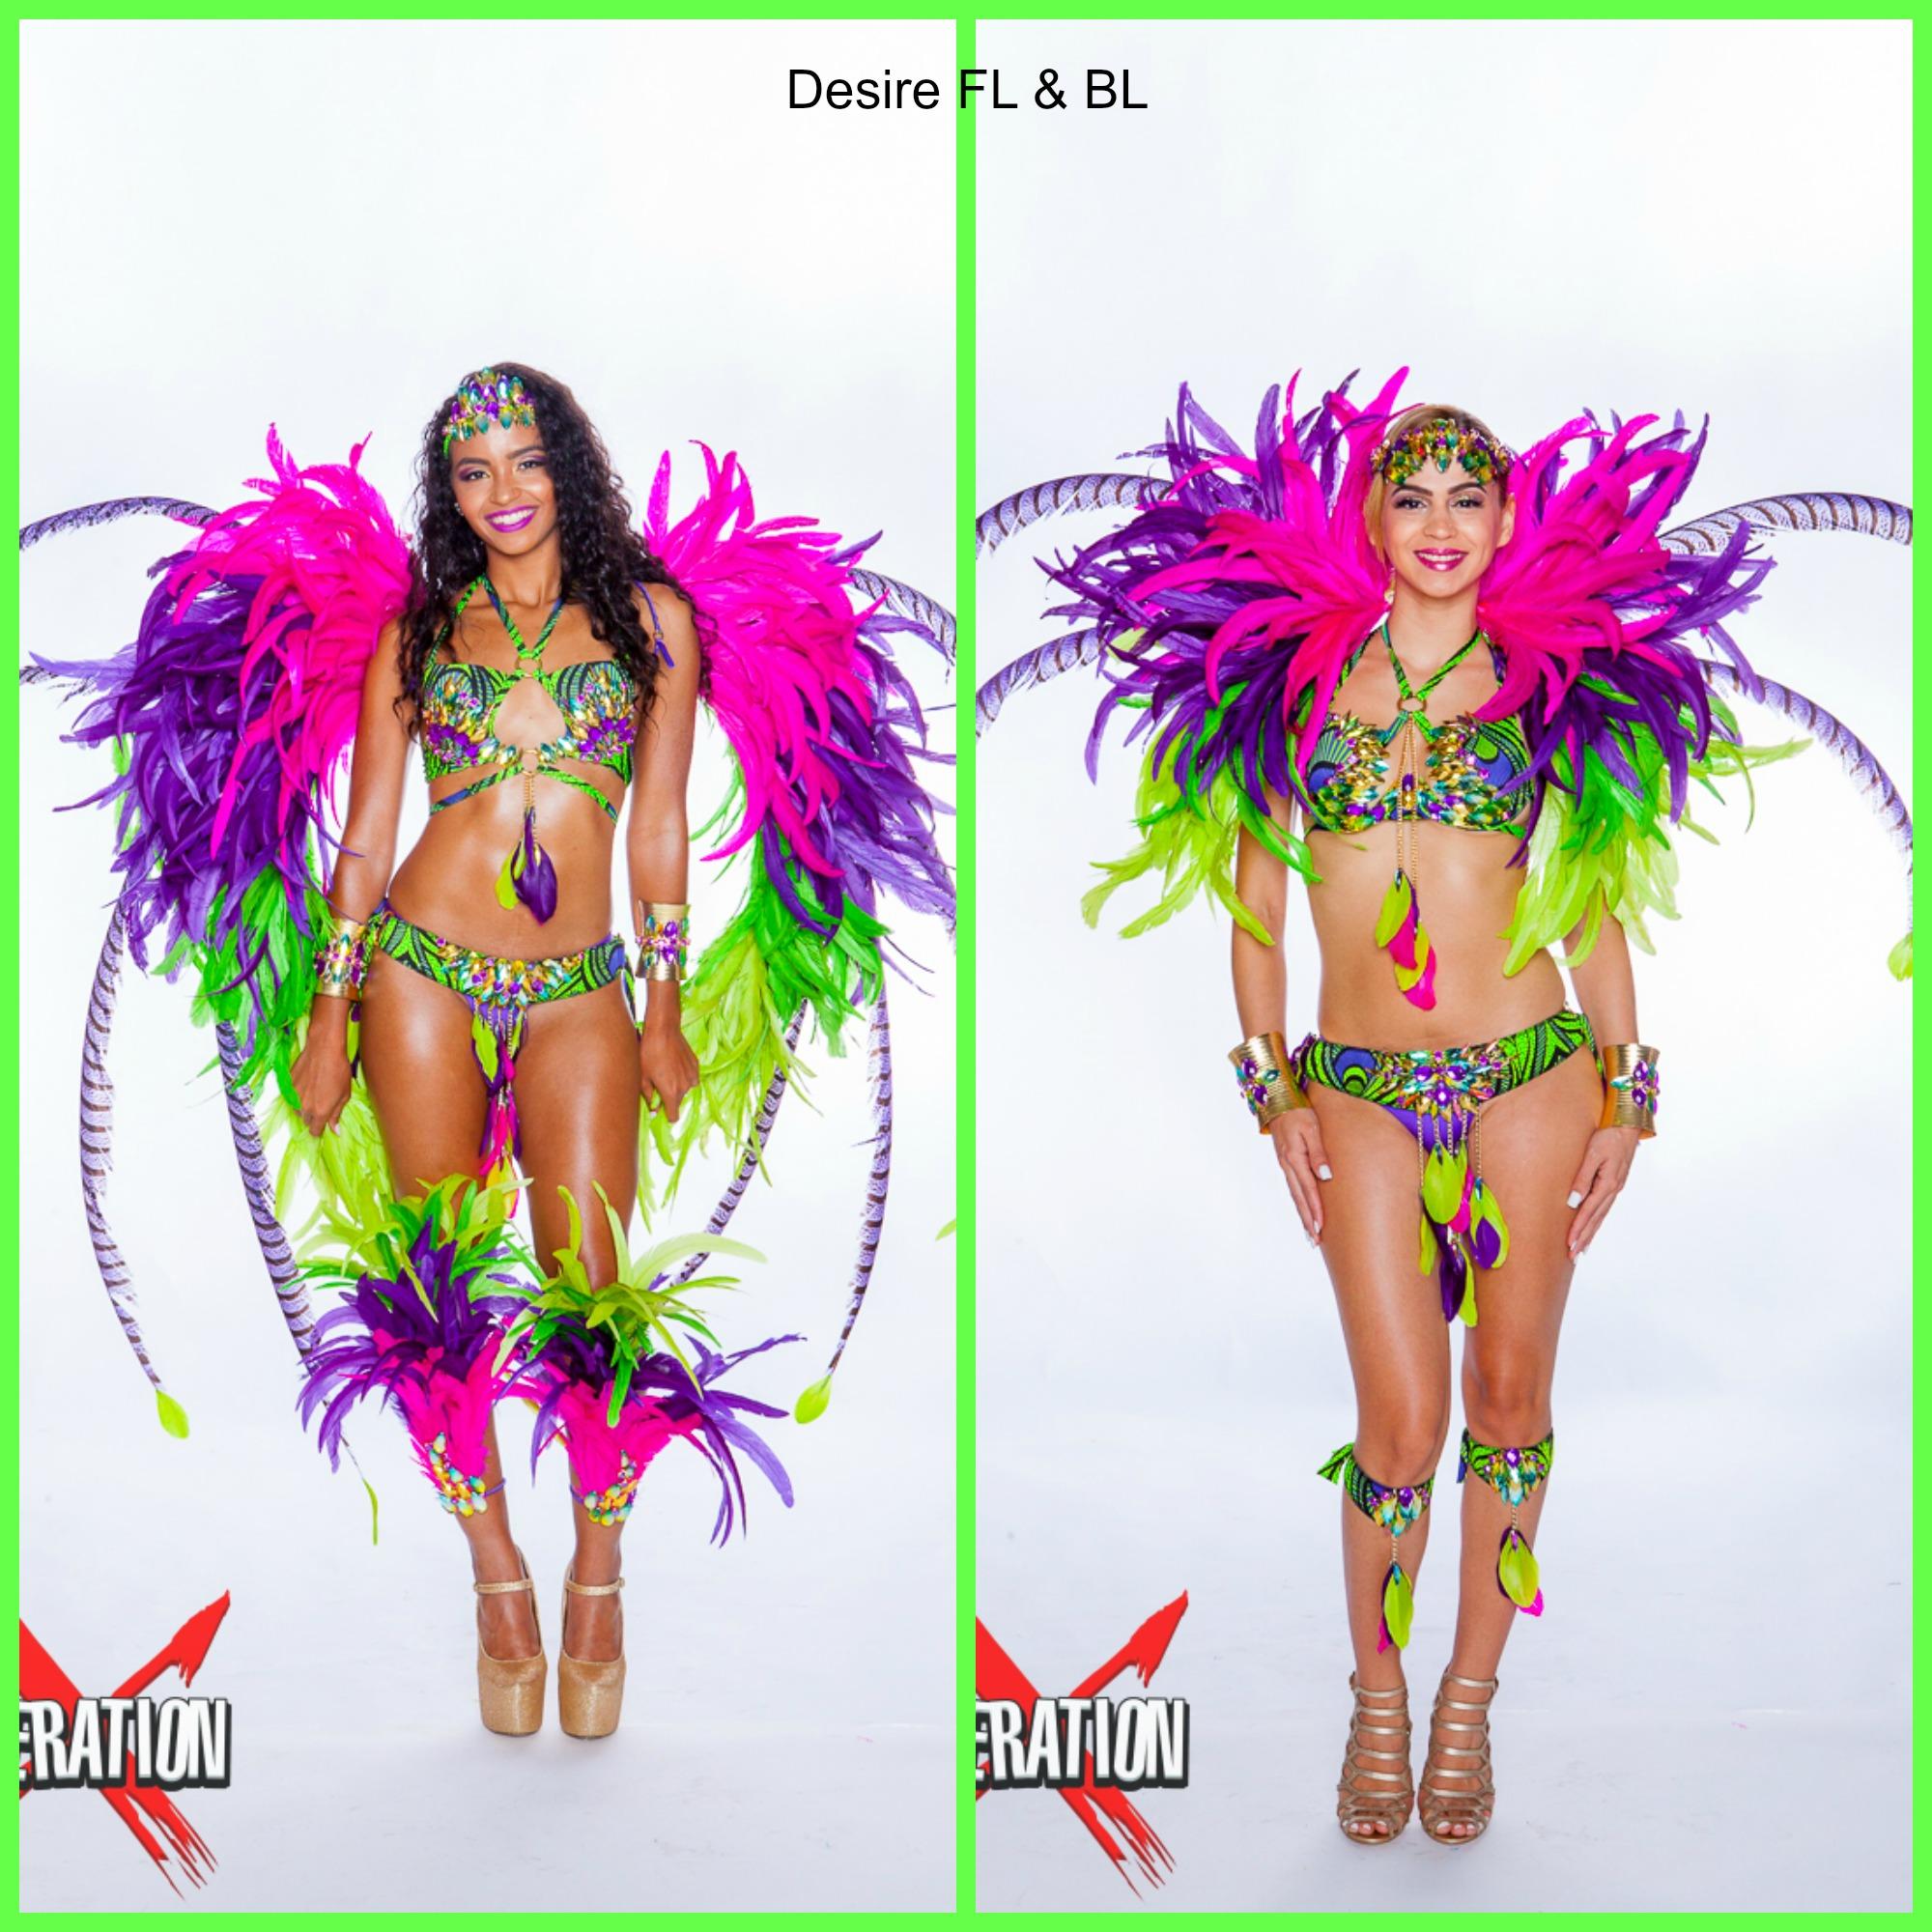 Desire FL & BL